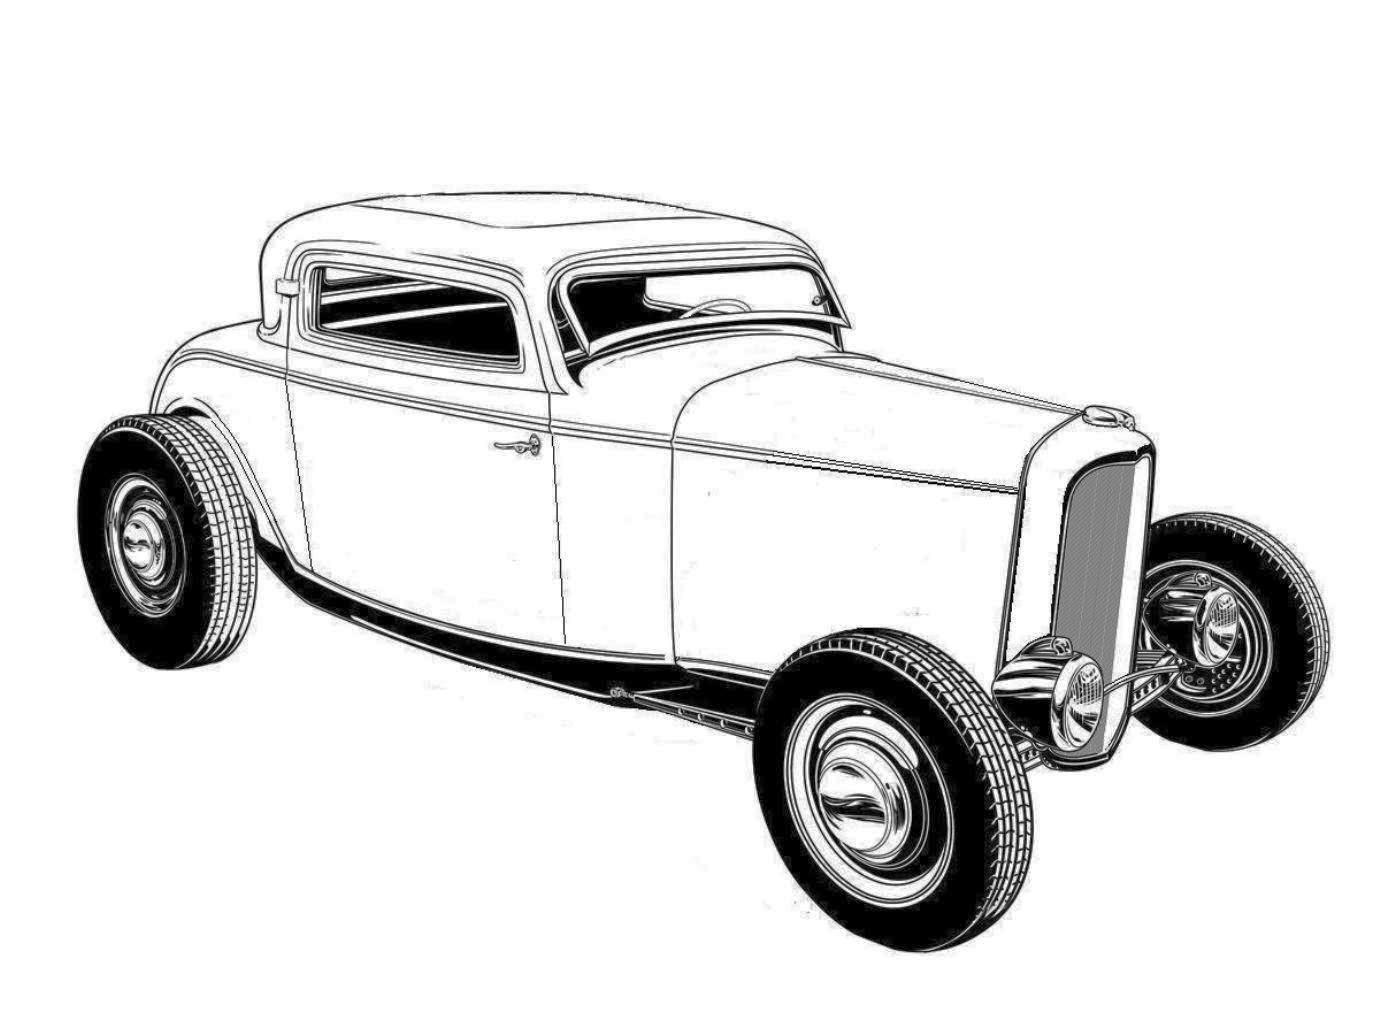 pin de kerry sr em car  truck b  w illustrations